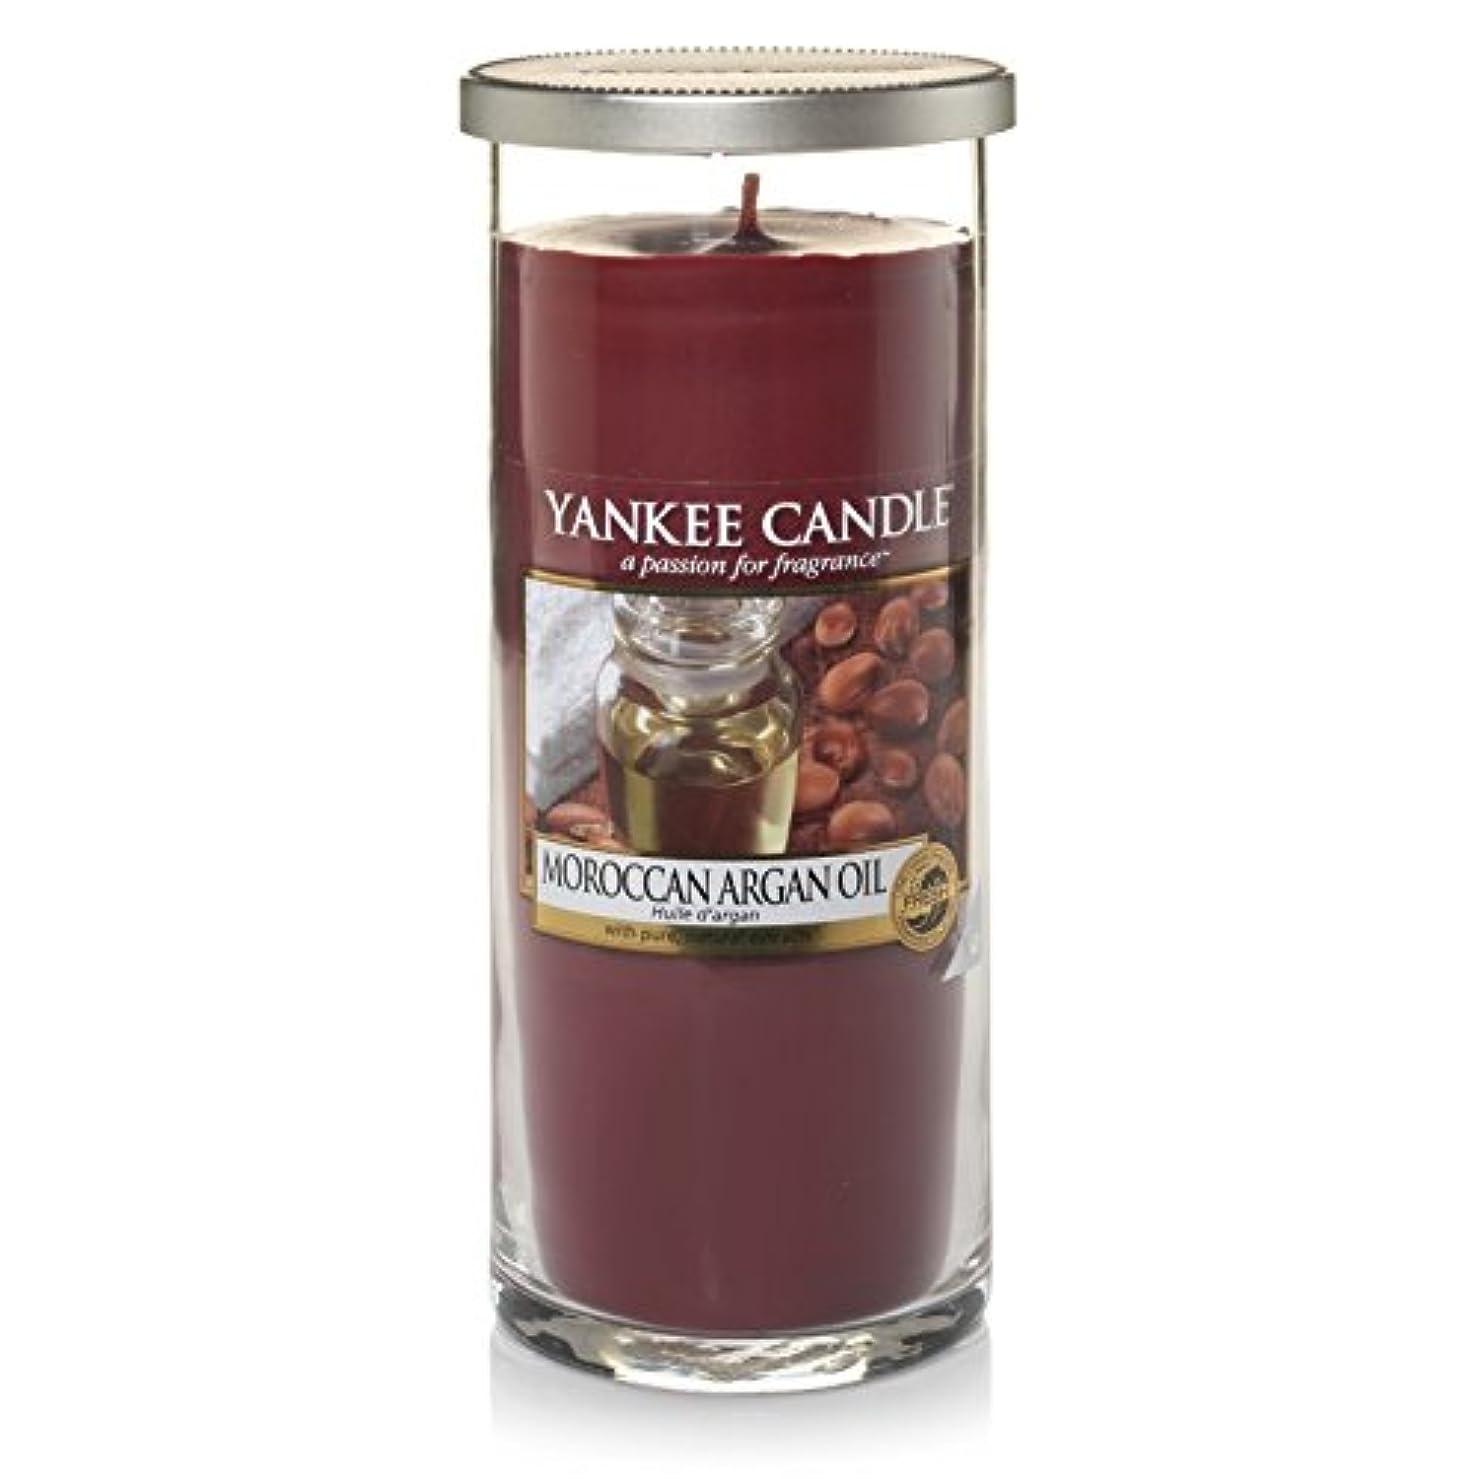 みなすそばに空虚Yankee Candles Large Pillar Candle - Moroccan Argan Oil (Pack of 2) - ヤンキーキャンドル大きな柱キャンドル - モロッコアルガンオイル (x2) [並行輸入品]